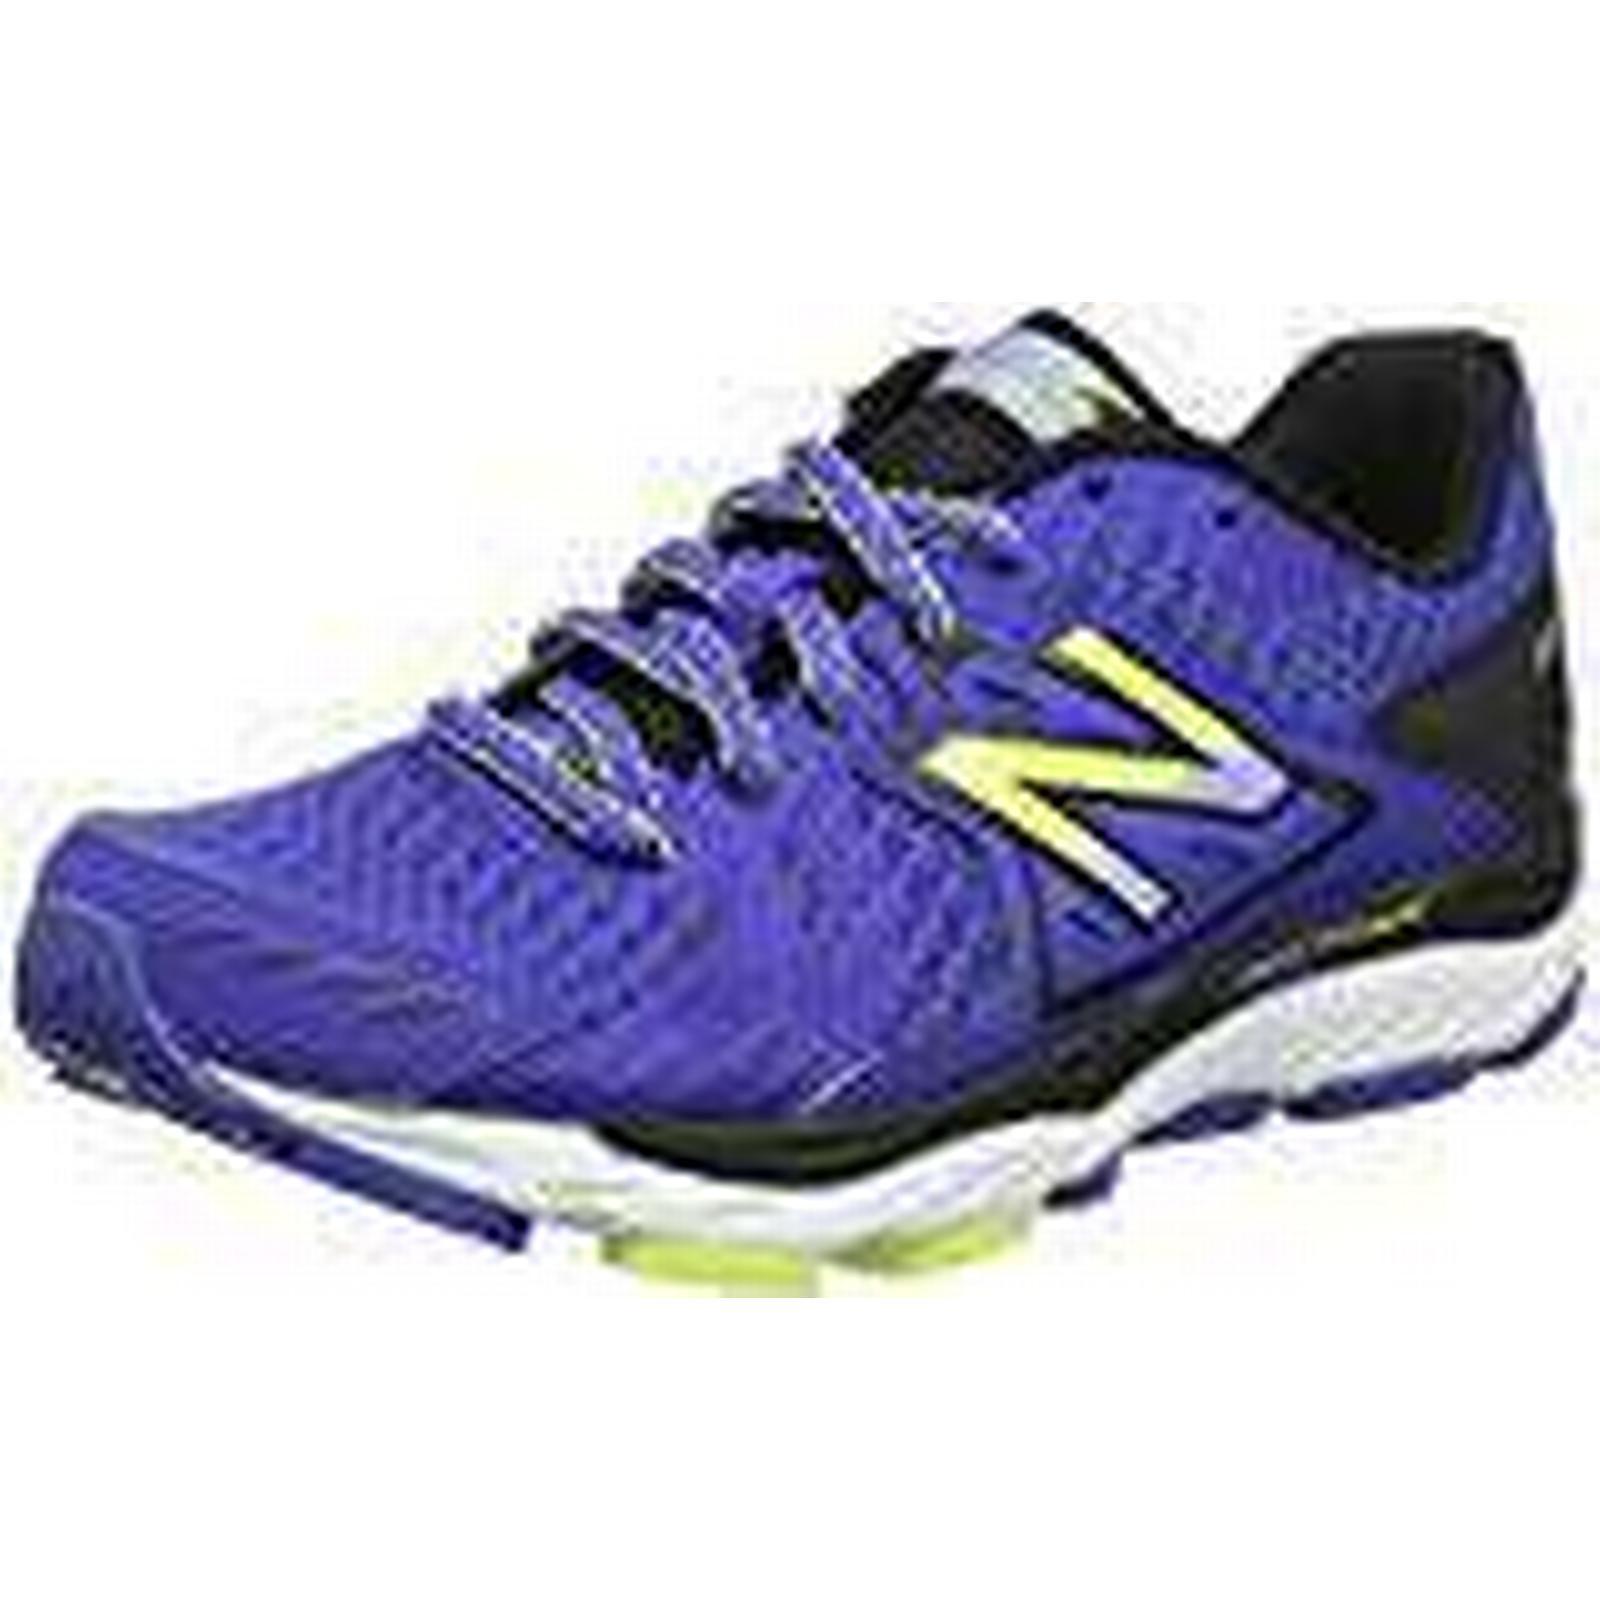 New Balance Women's W670V5 Running 40 Shoes, (Blue/Black), 6.5 UK 40 Running EU 7a515a